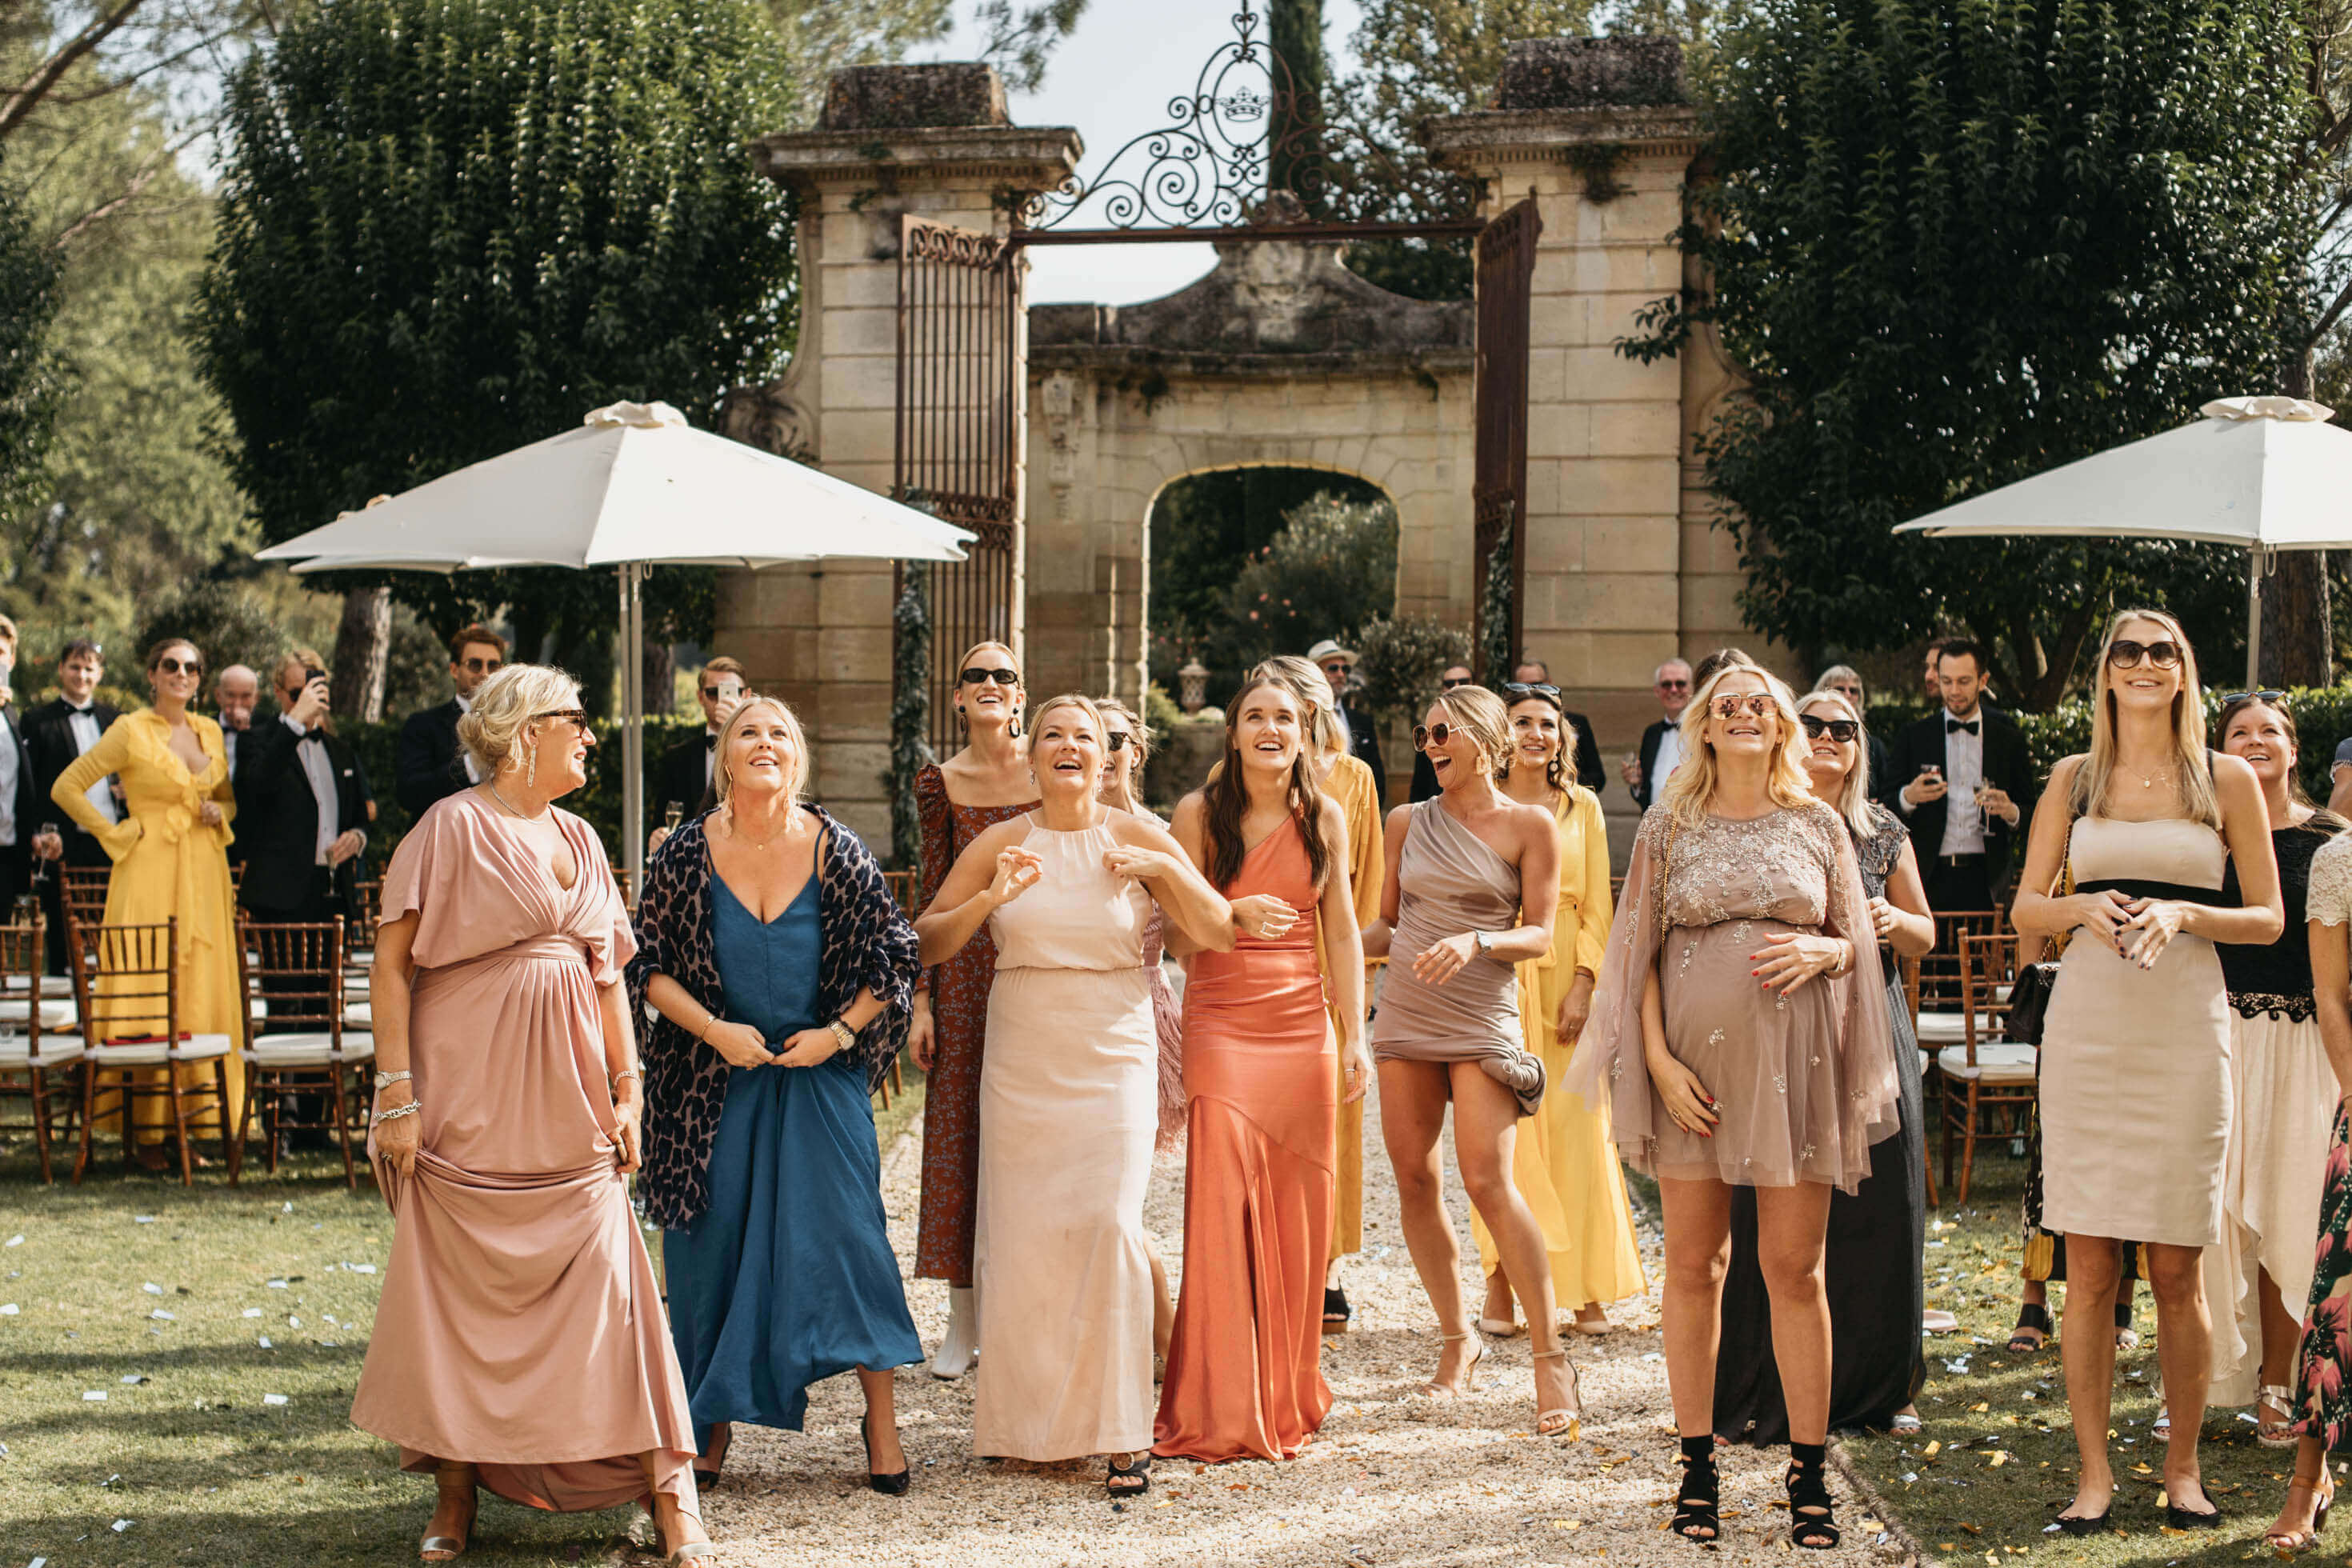 0aaaa56b5a79 Allt du behöver veta om klädkoder på bröllop - Her Hour